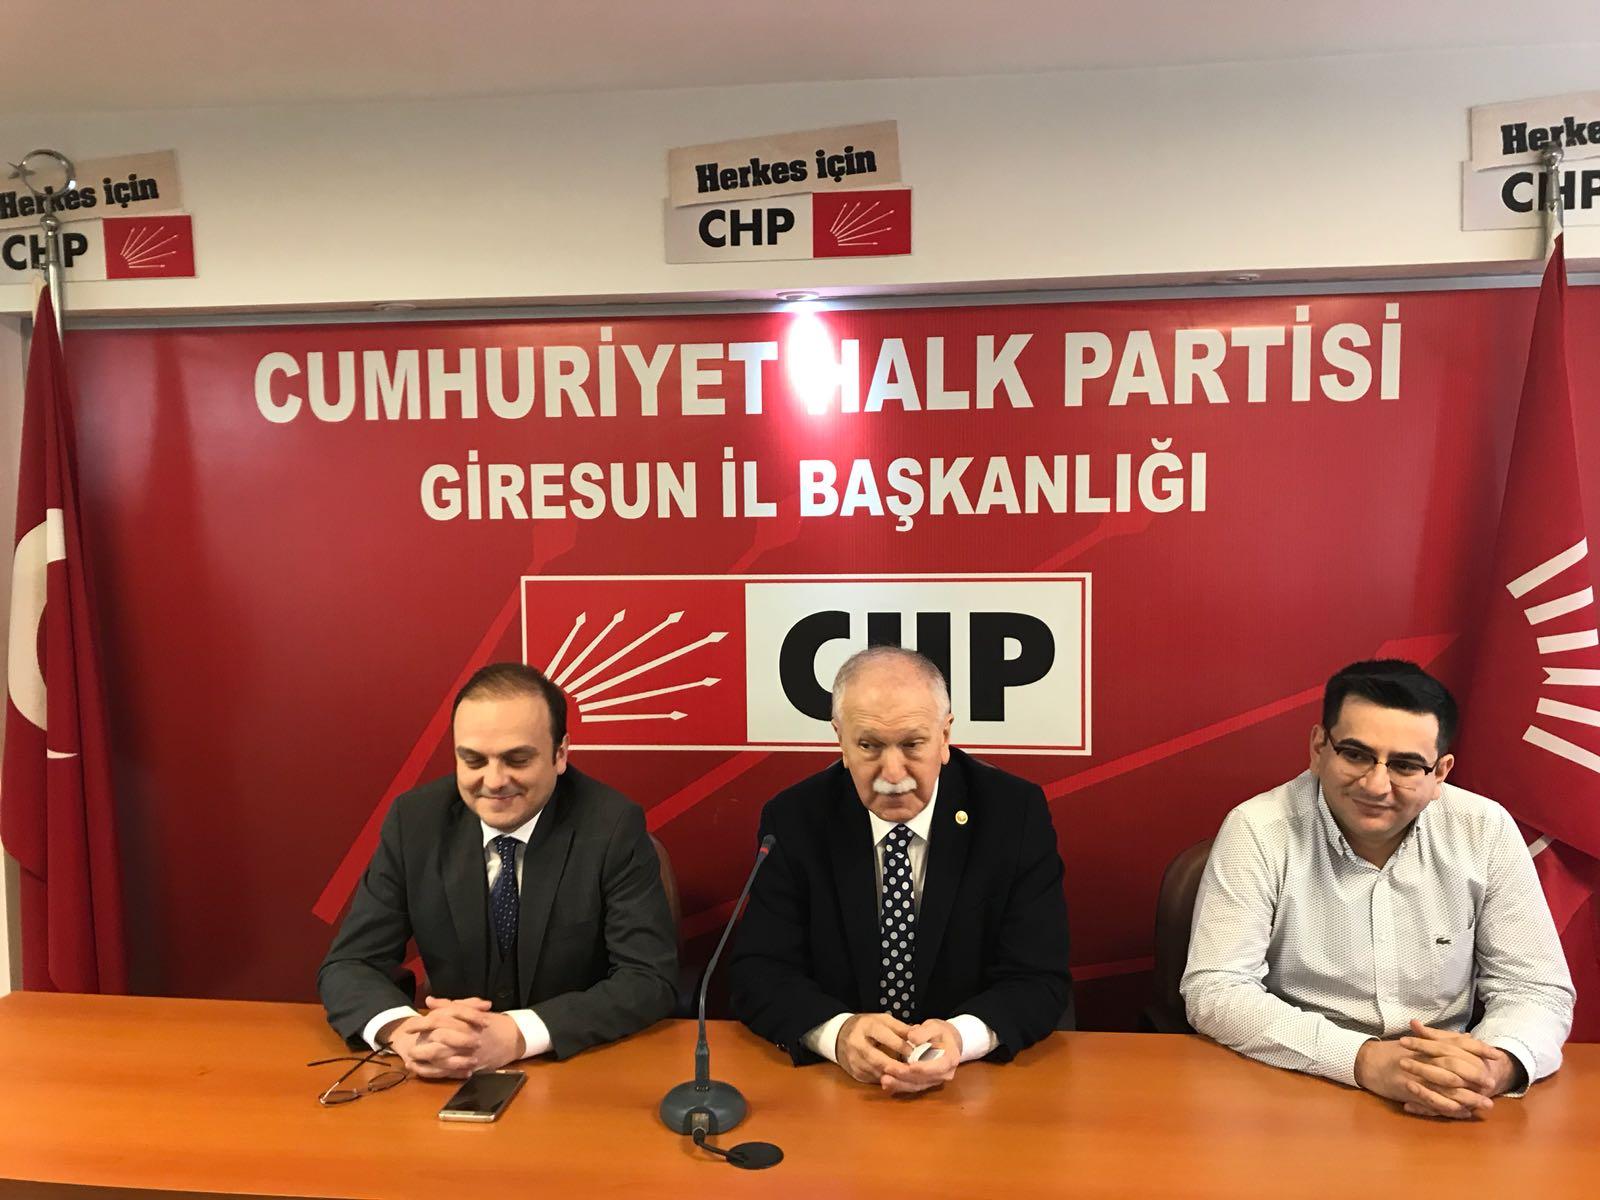 GİRESUN'DA CHP'LİLER DEMOKRATİK TÜZÜK İSTİYOR